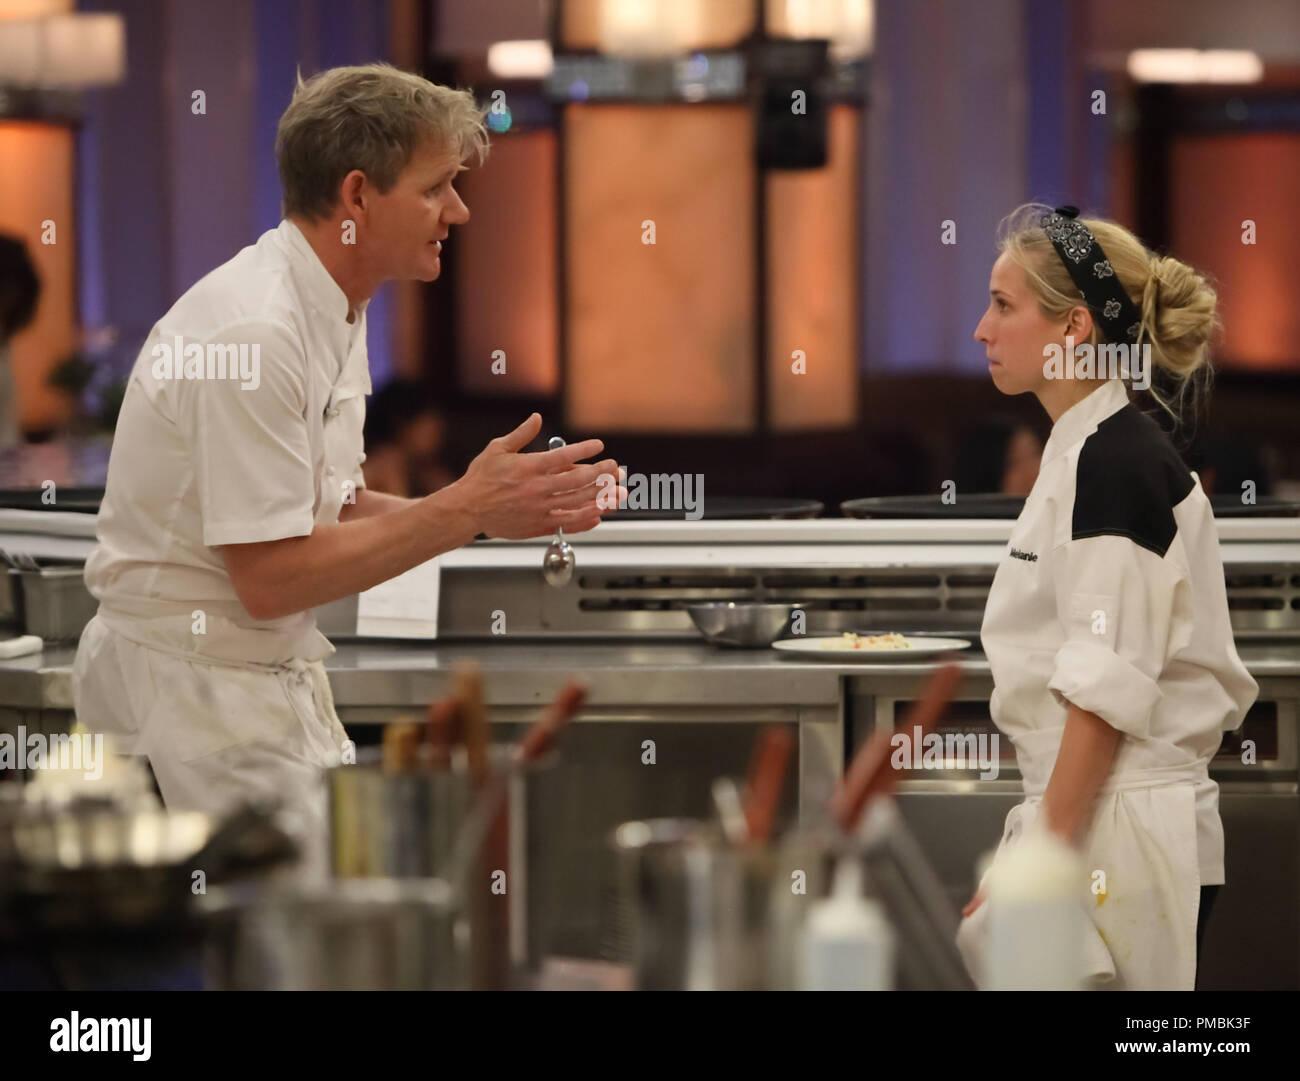 Hell S Kitchen Chef Ramsay L Leitet Die Teilnehmer Melanie R Beim Abendessen In Der Neuen 4 Chefs Konkurrieren Episode Von Hell S Kitchen Stockfotografie Alamy